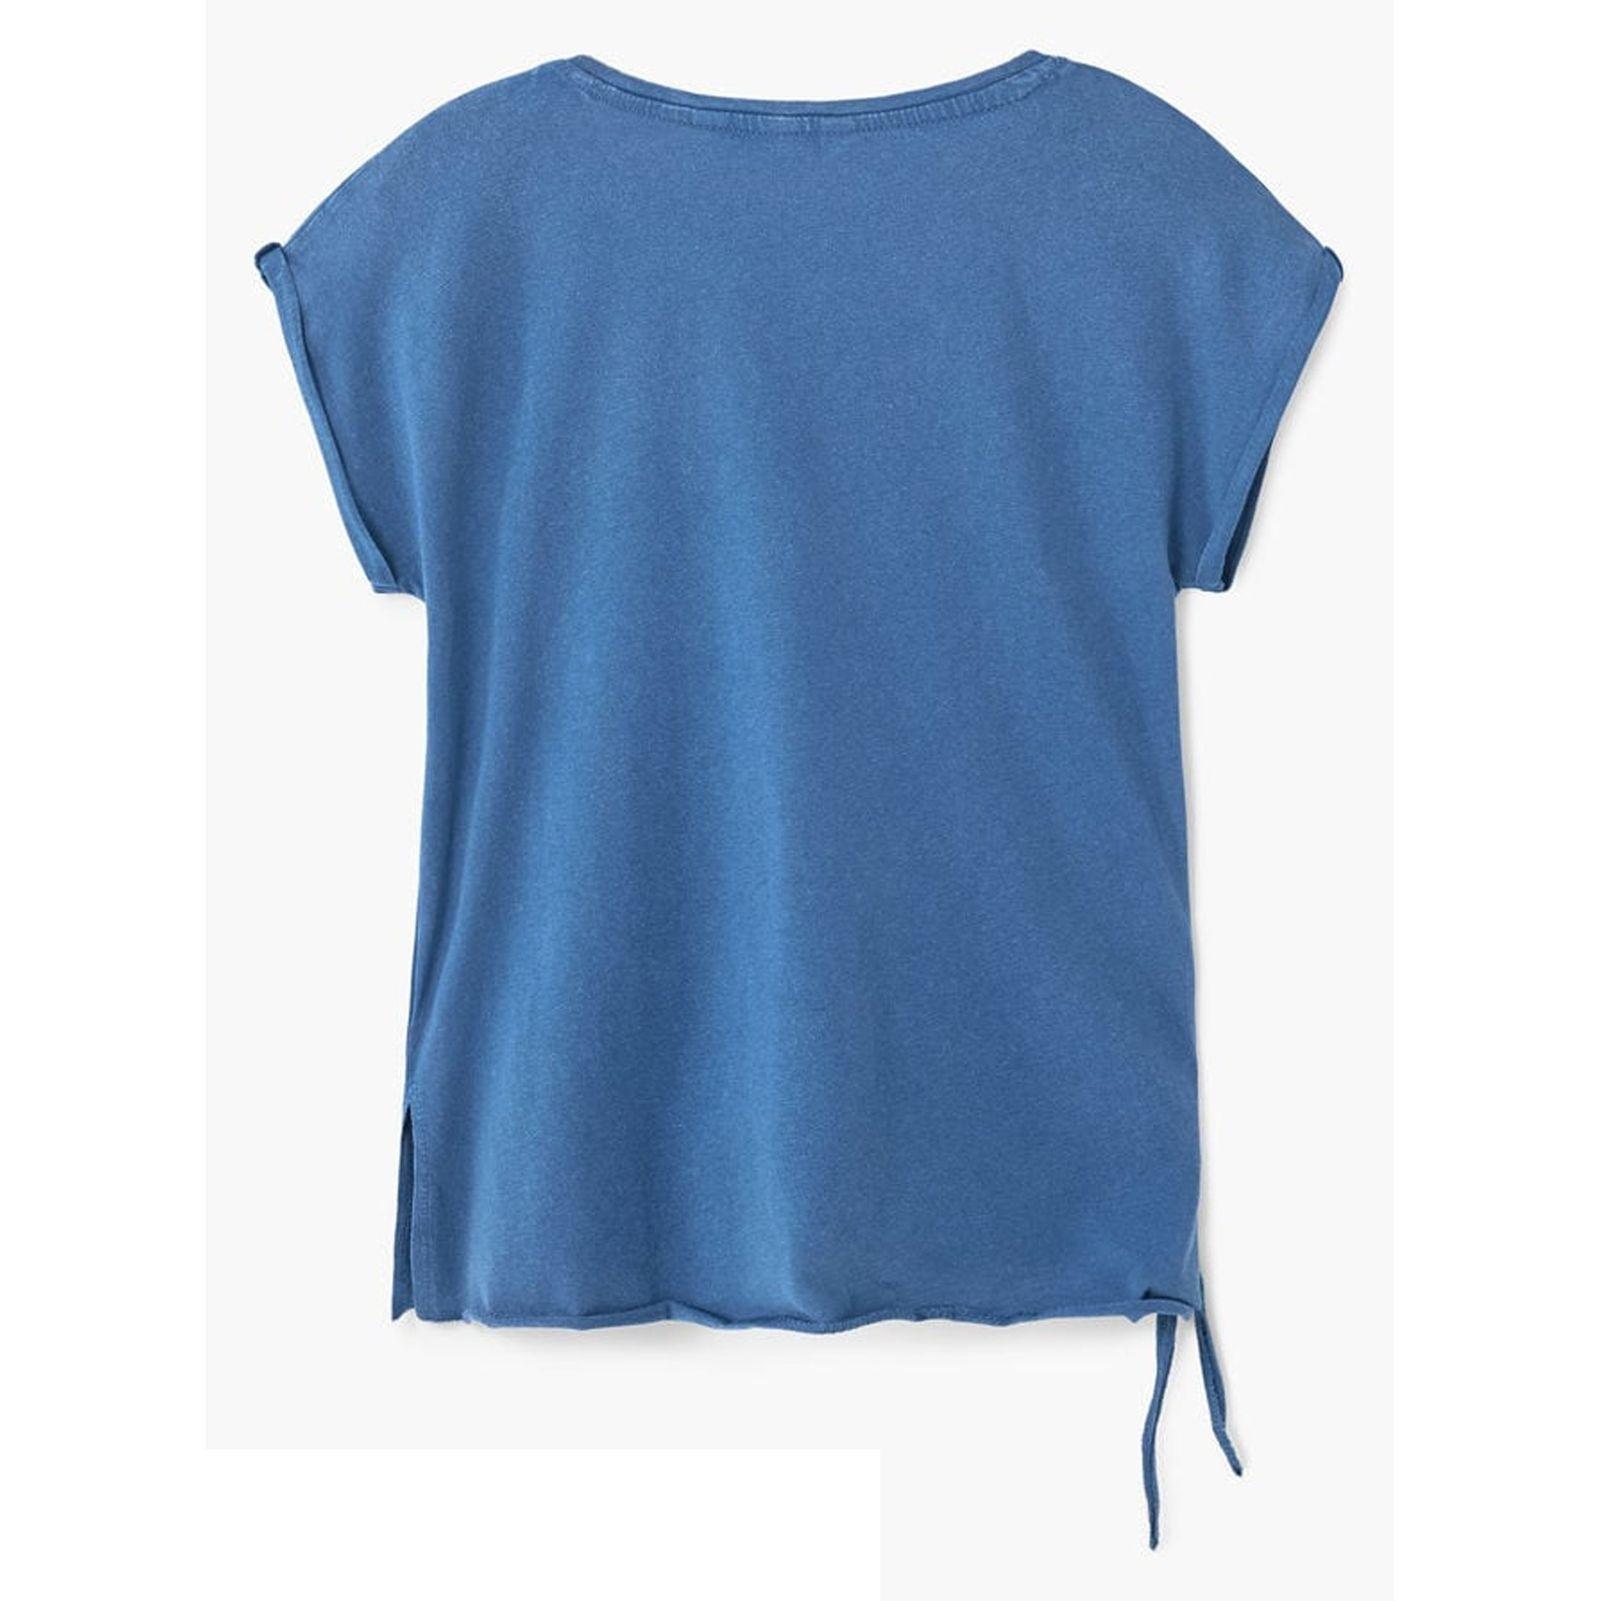 تی شرت نخی یقه گرد دخترانه - مانگو - آبي تيره - 2